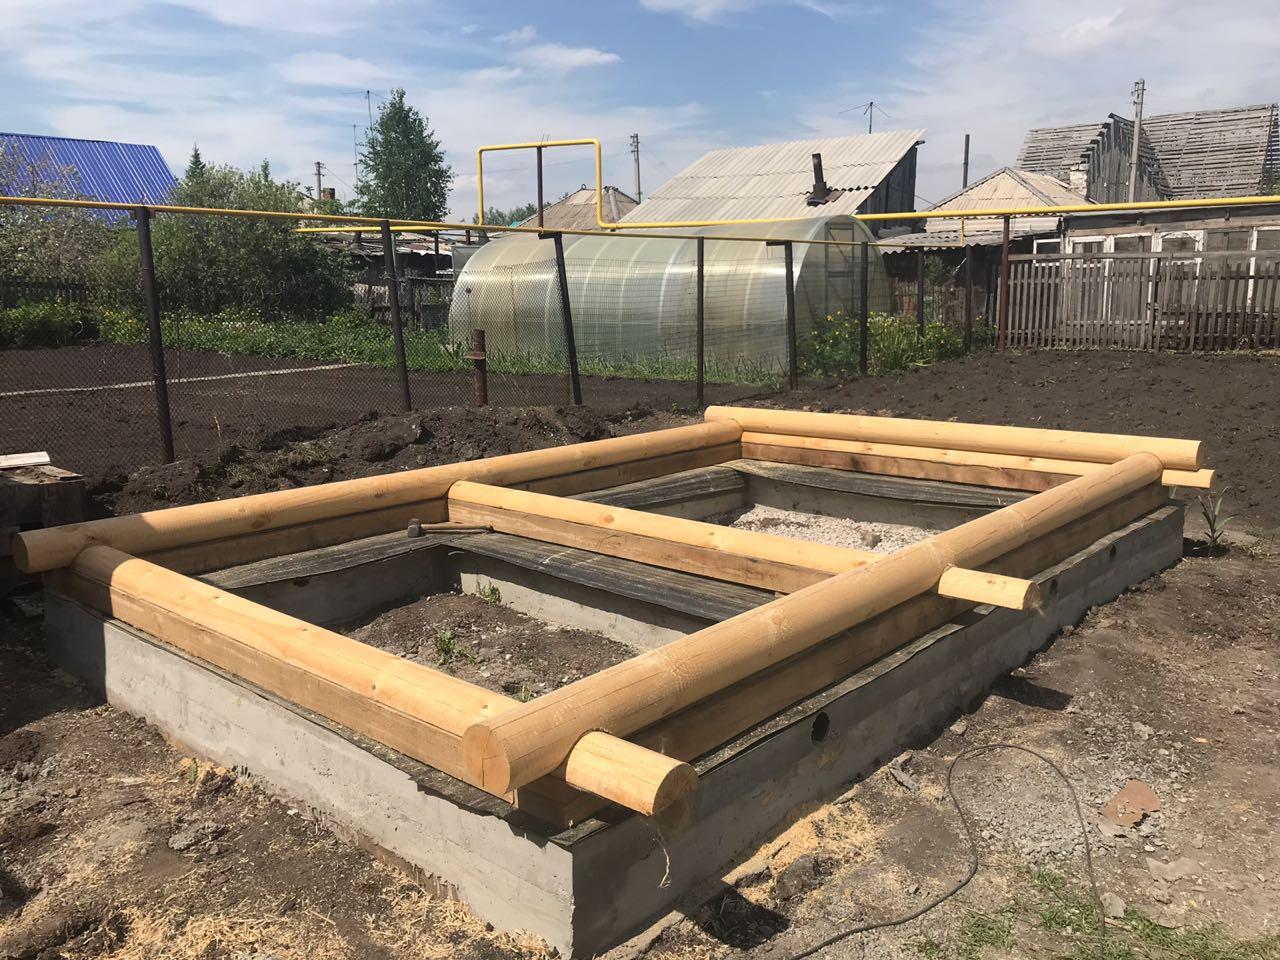 Как правильно залить фундамент под баню своими руками - подробная инструкция!